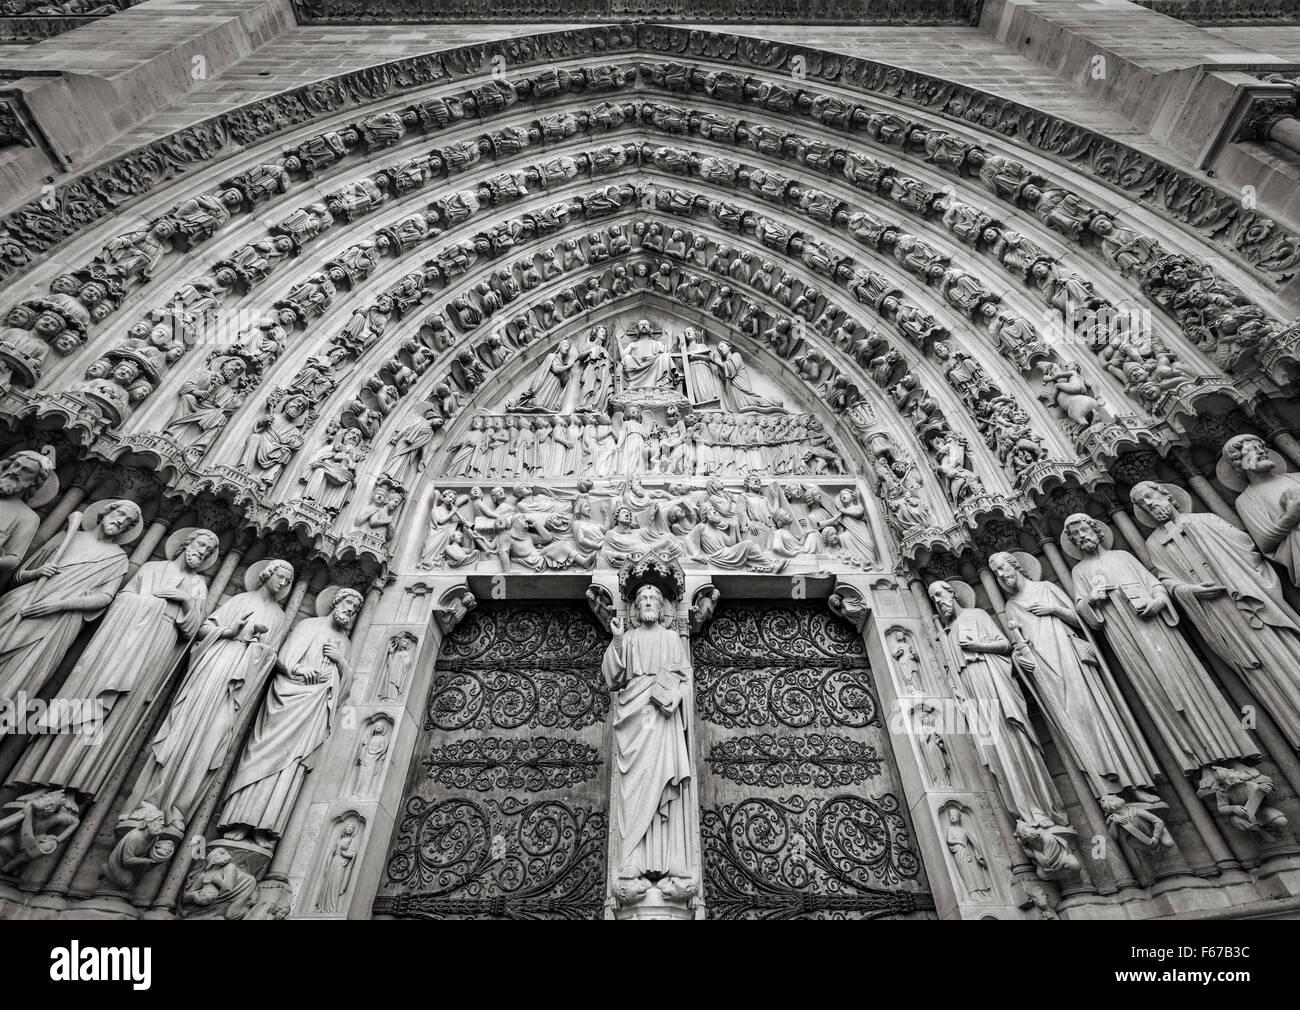 Centrale portale gotico della cattedrale di Notre Dame de Paris con bassorilievo del giudizio ultimo. Ile de la Immagini Stock